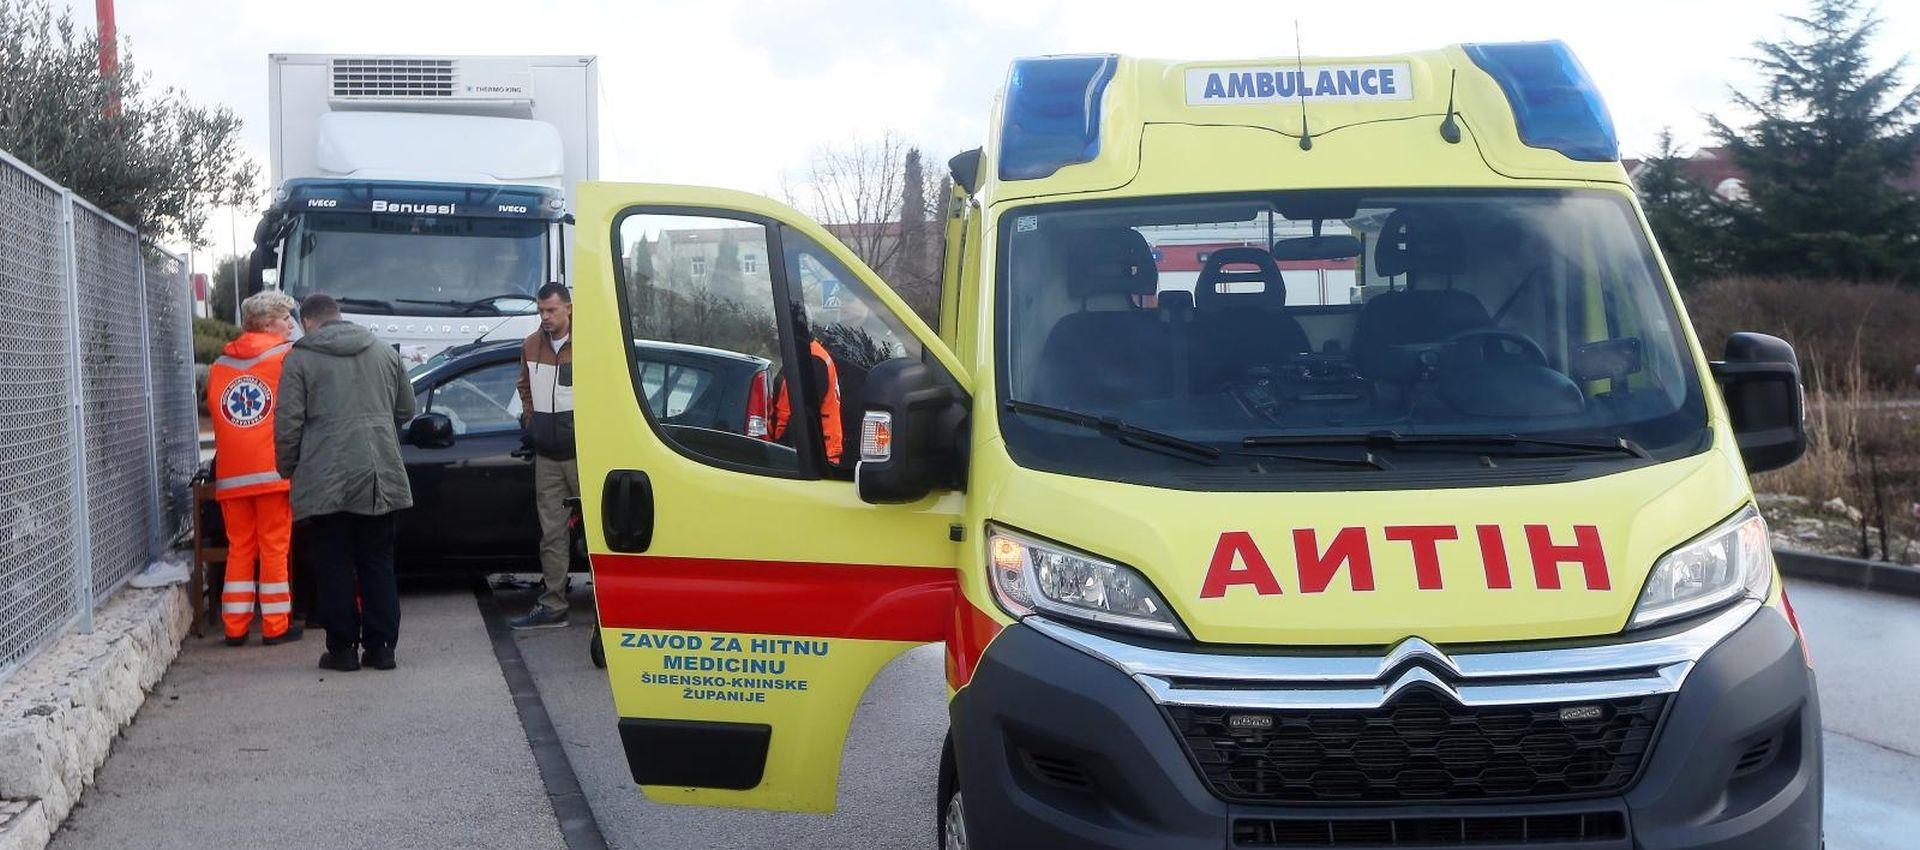 Nesreća u Šibeniku, dvije osobe ozlijeđene